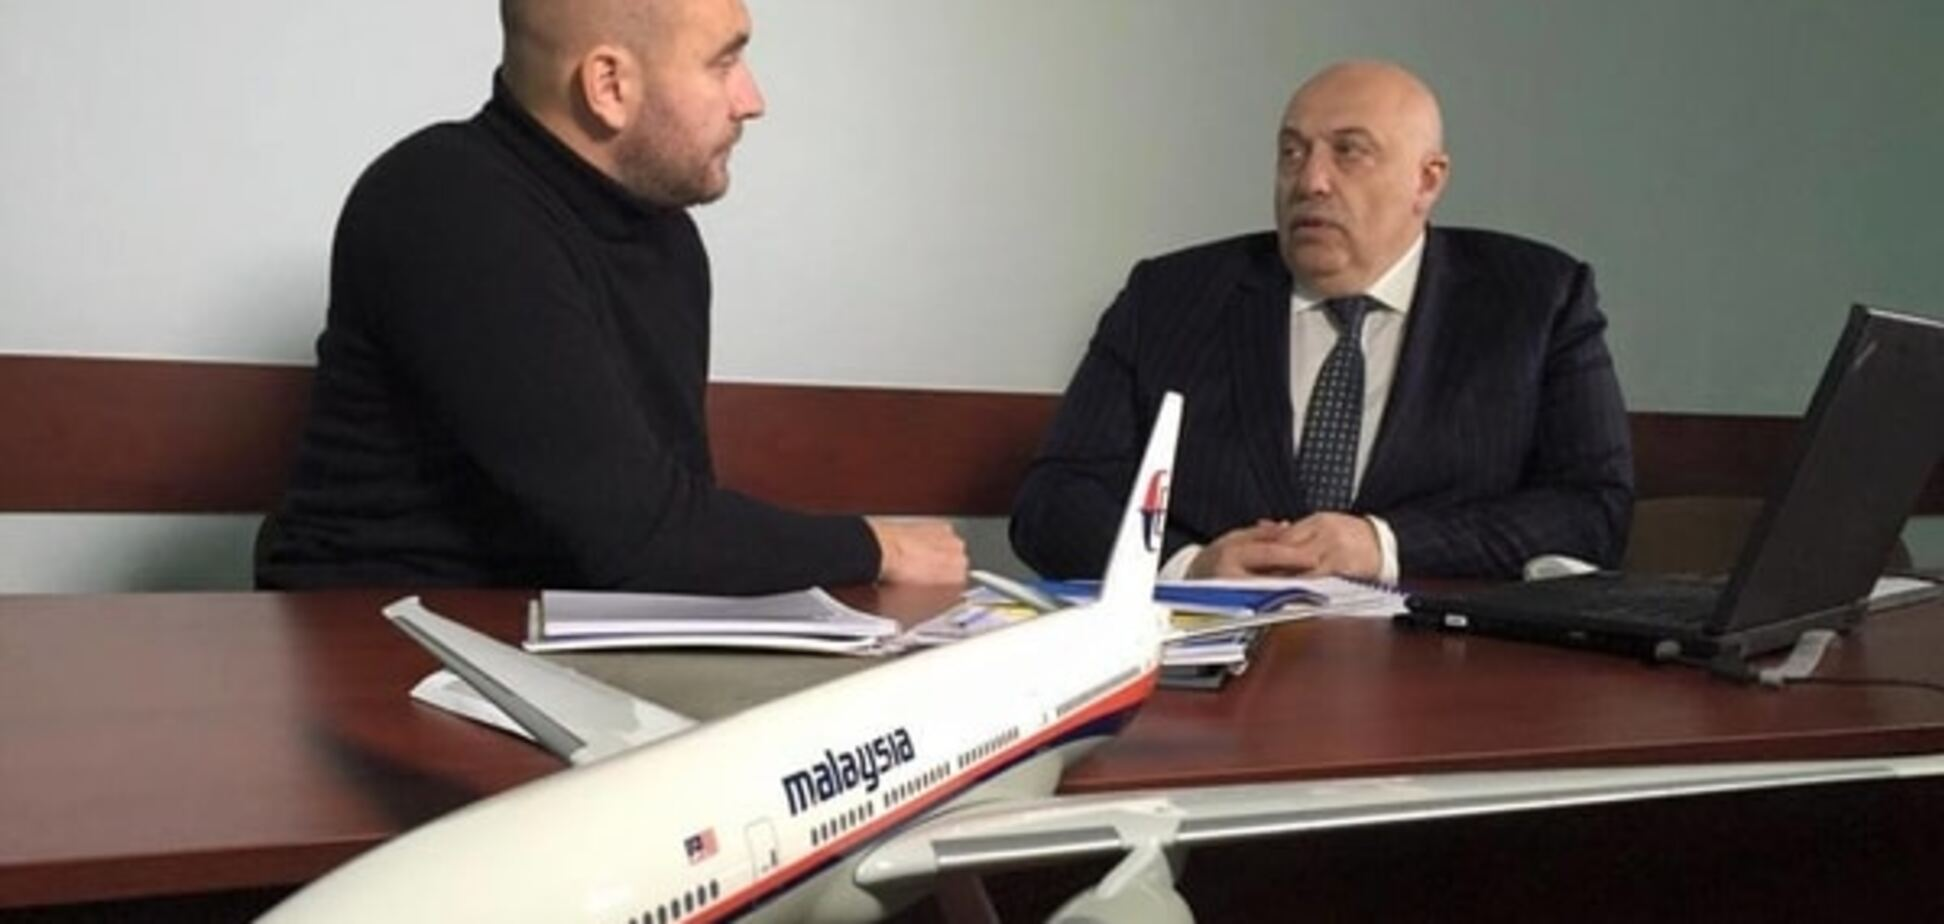 Замах на директора київського інституту пов'язали зі справою про катастрофу Boeing на Донбасі